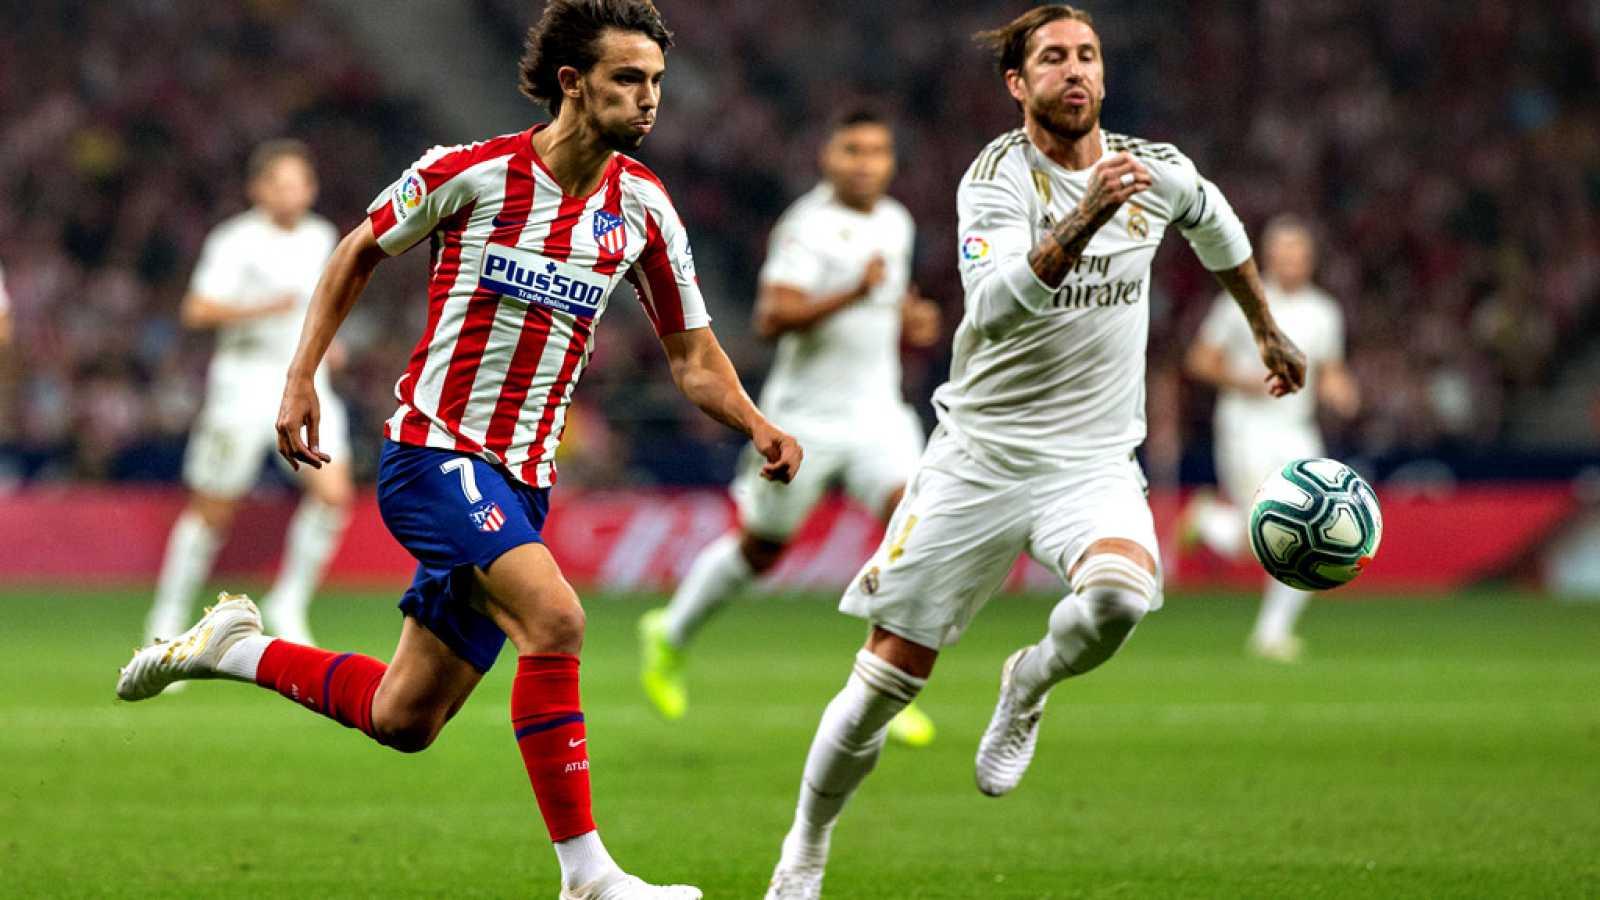 La final de la Supercopa de España que se disputará el domingo en el estadio King Abdullah Sports City de Yeda apunta a la prórroga, tal y como ha sucedido en las cuatro últimas disputadas entre ambos equipos a un solo partido.